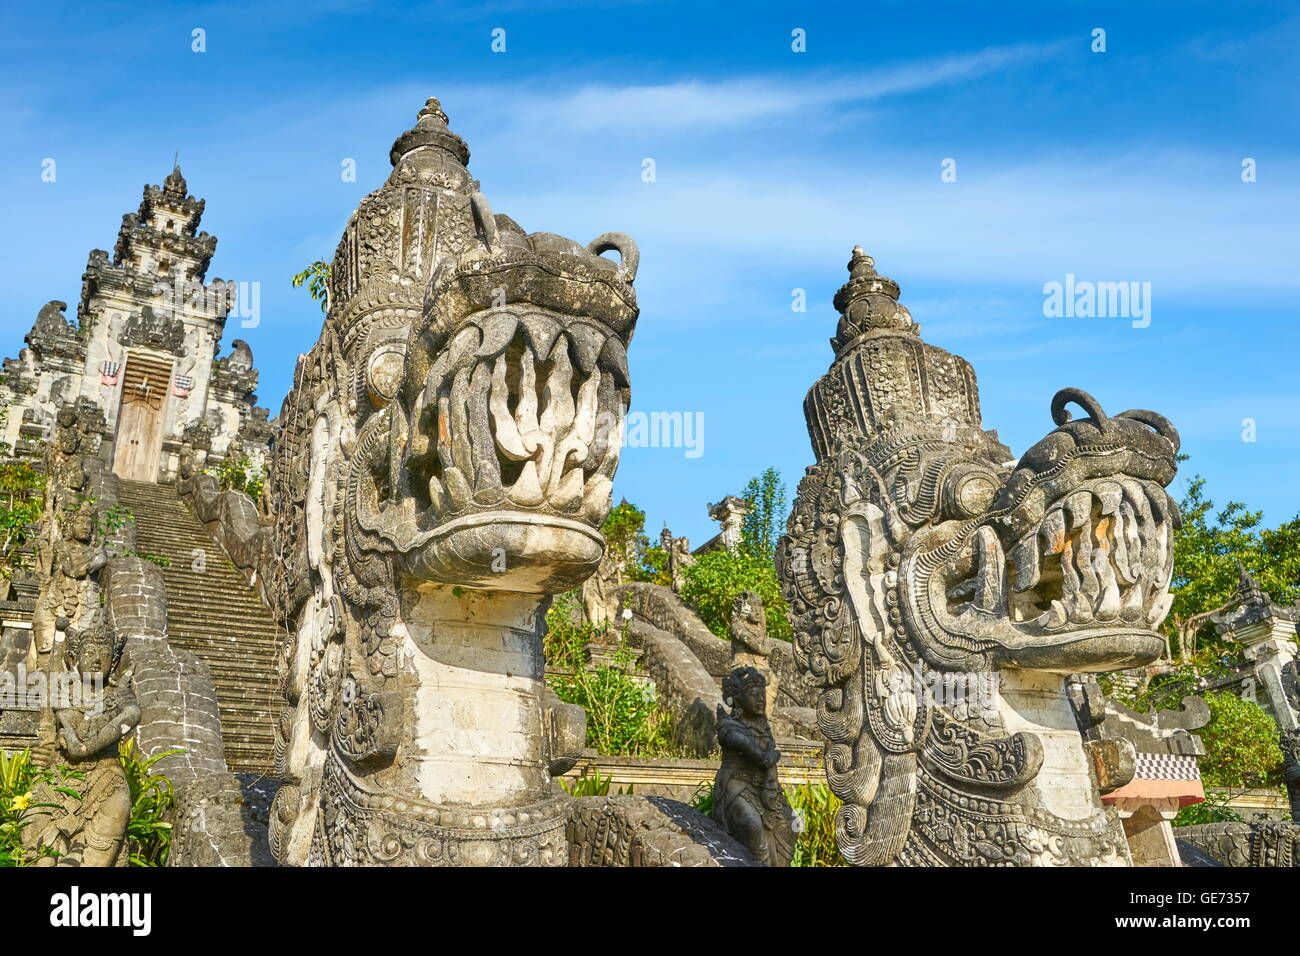 Bali, Indonesia - Faces of dragons in front of Pura Penataran Lempuyang Temple - Stock Image